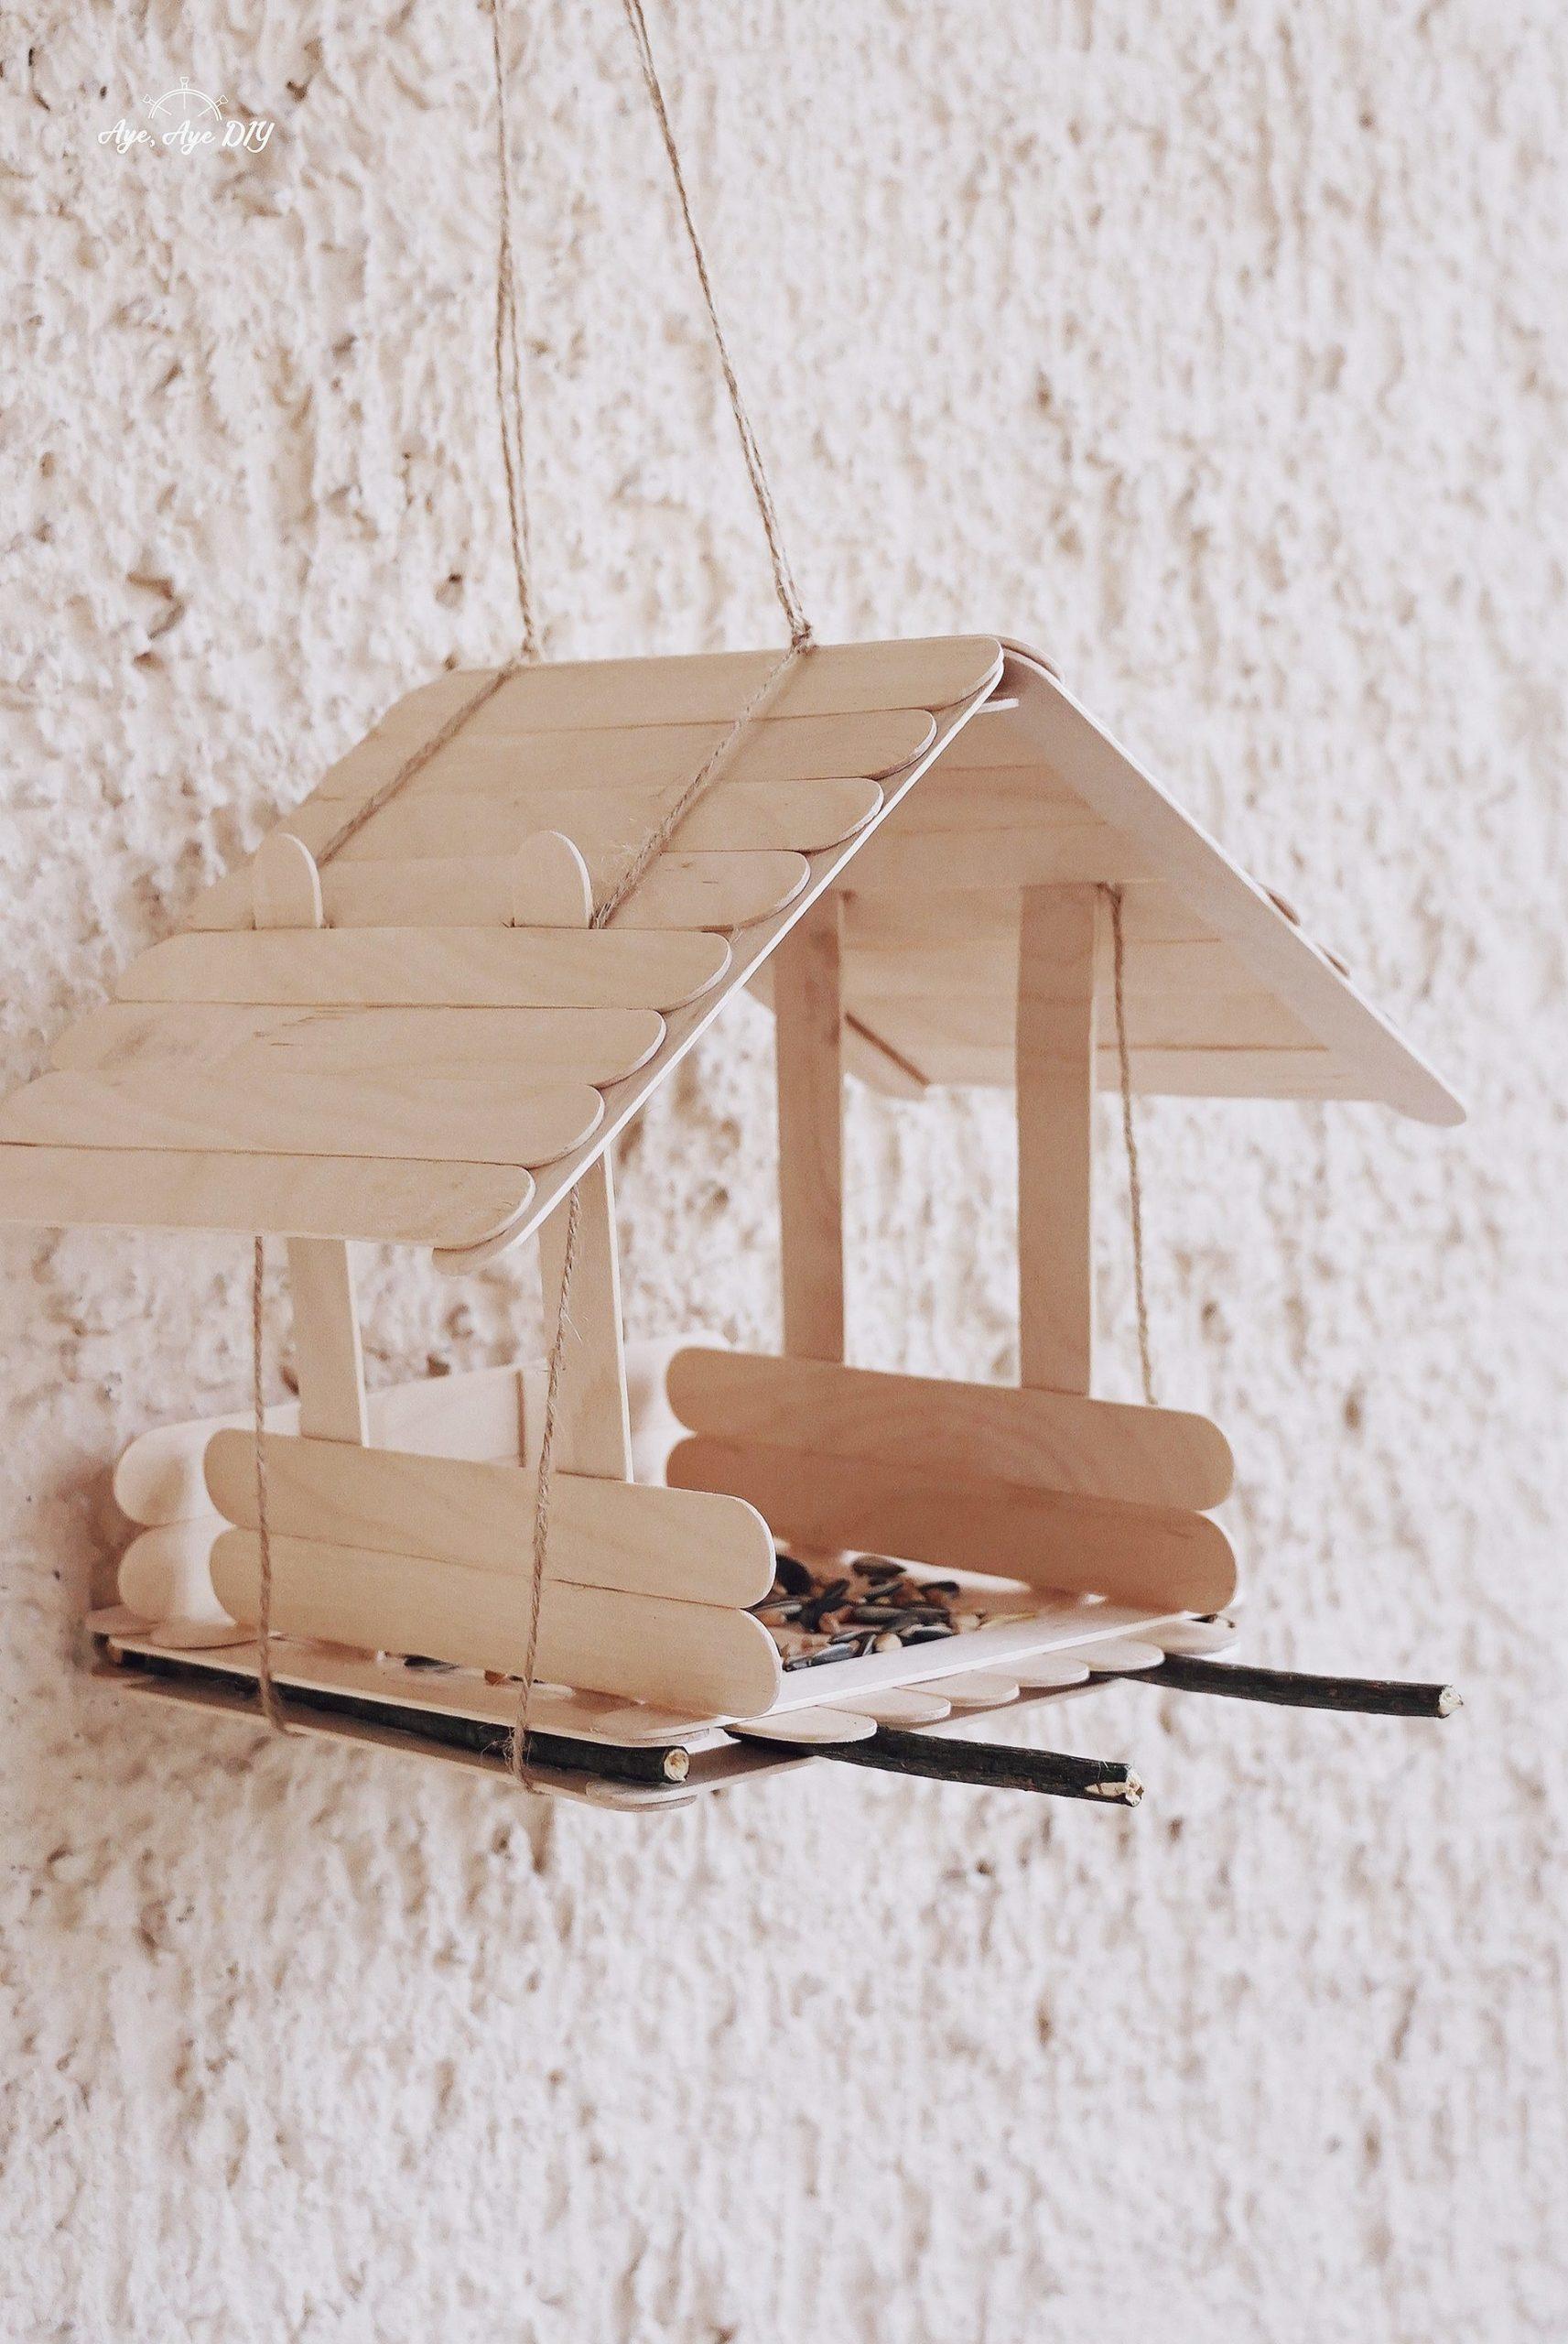 Vogelhaus selber bauen einfache Anleitung zum Aufhängen - DIY Vogelhaus Ergebnis